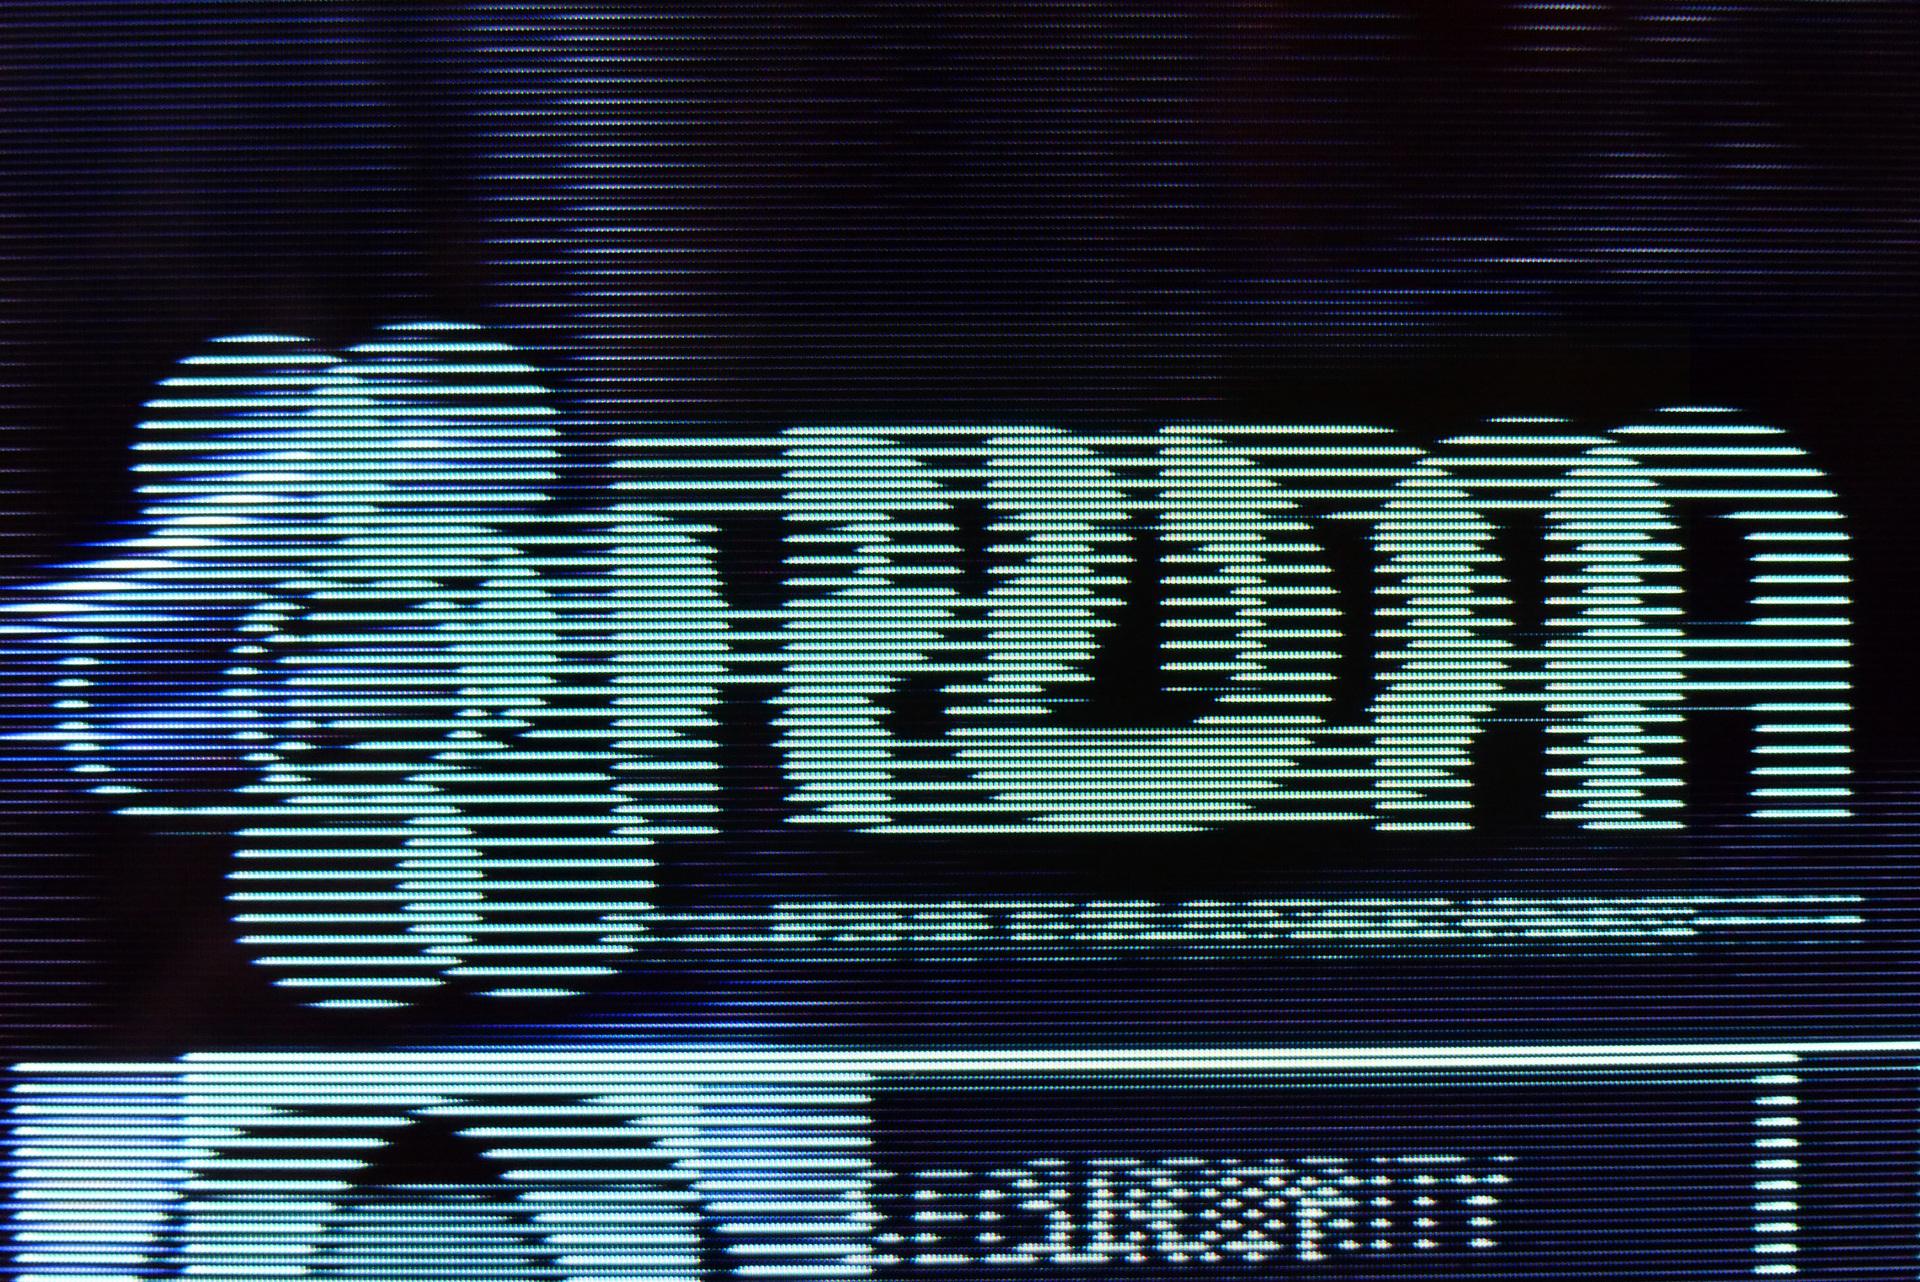 Sony kd 55x9005 testbild avatar 3d ohne 3d brille